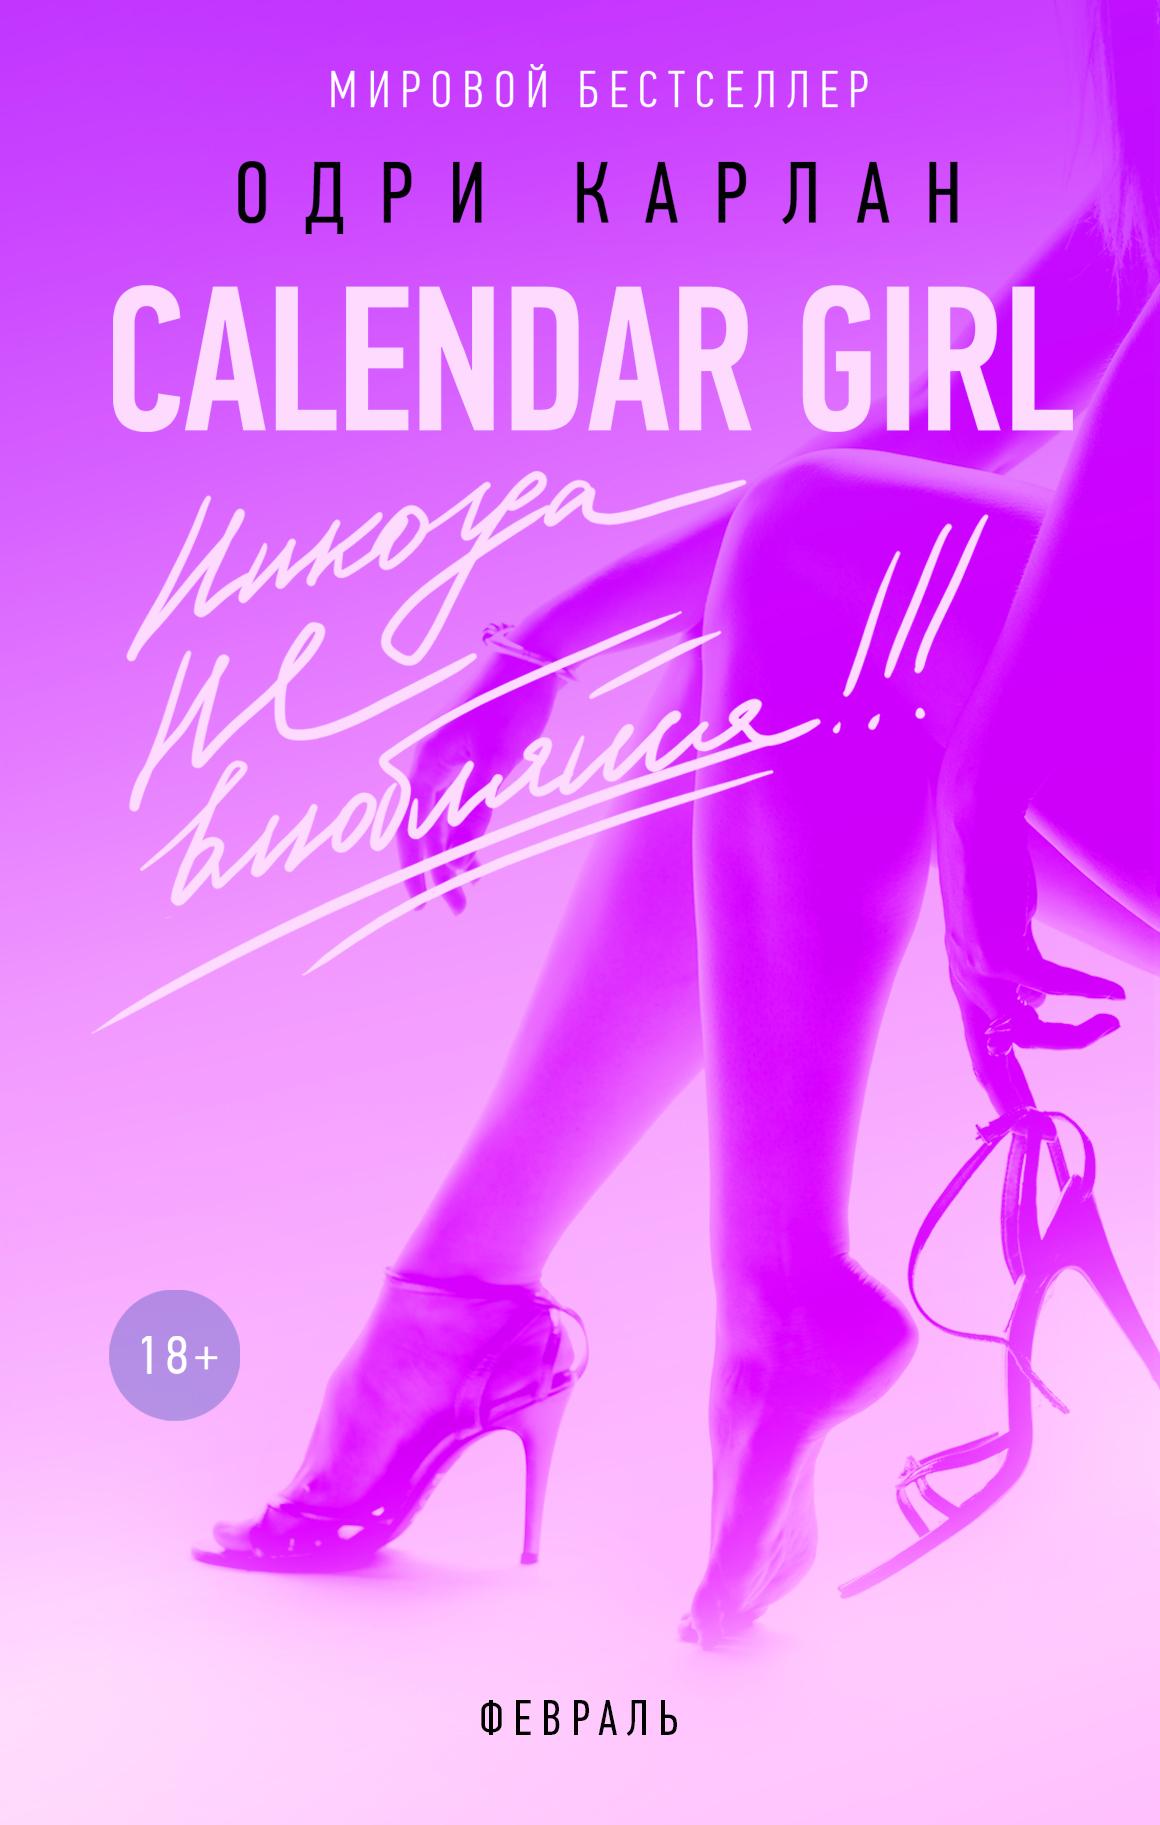 Одри Карлан Calendar Girl. Никогда не влюбляйся! Февраль карлан о calendar girl никогда не влюбляйся